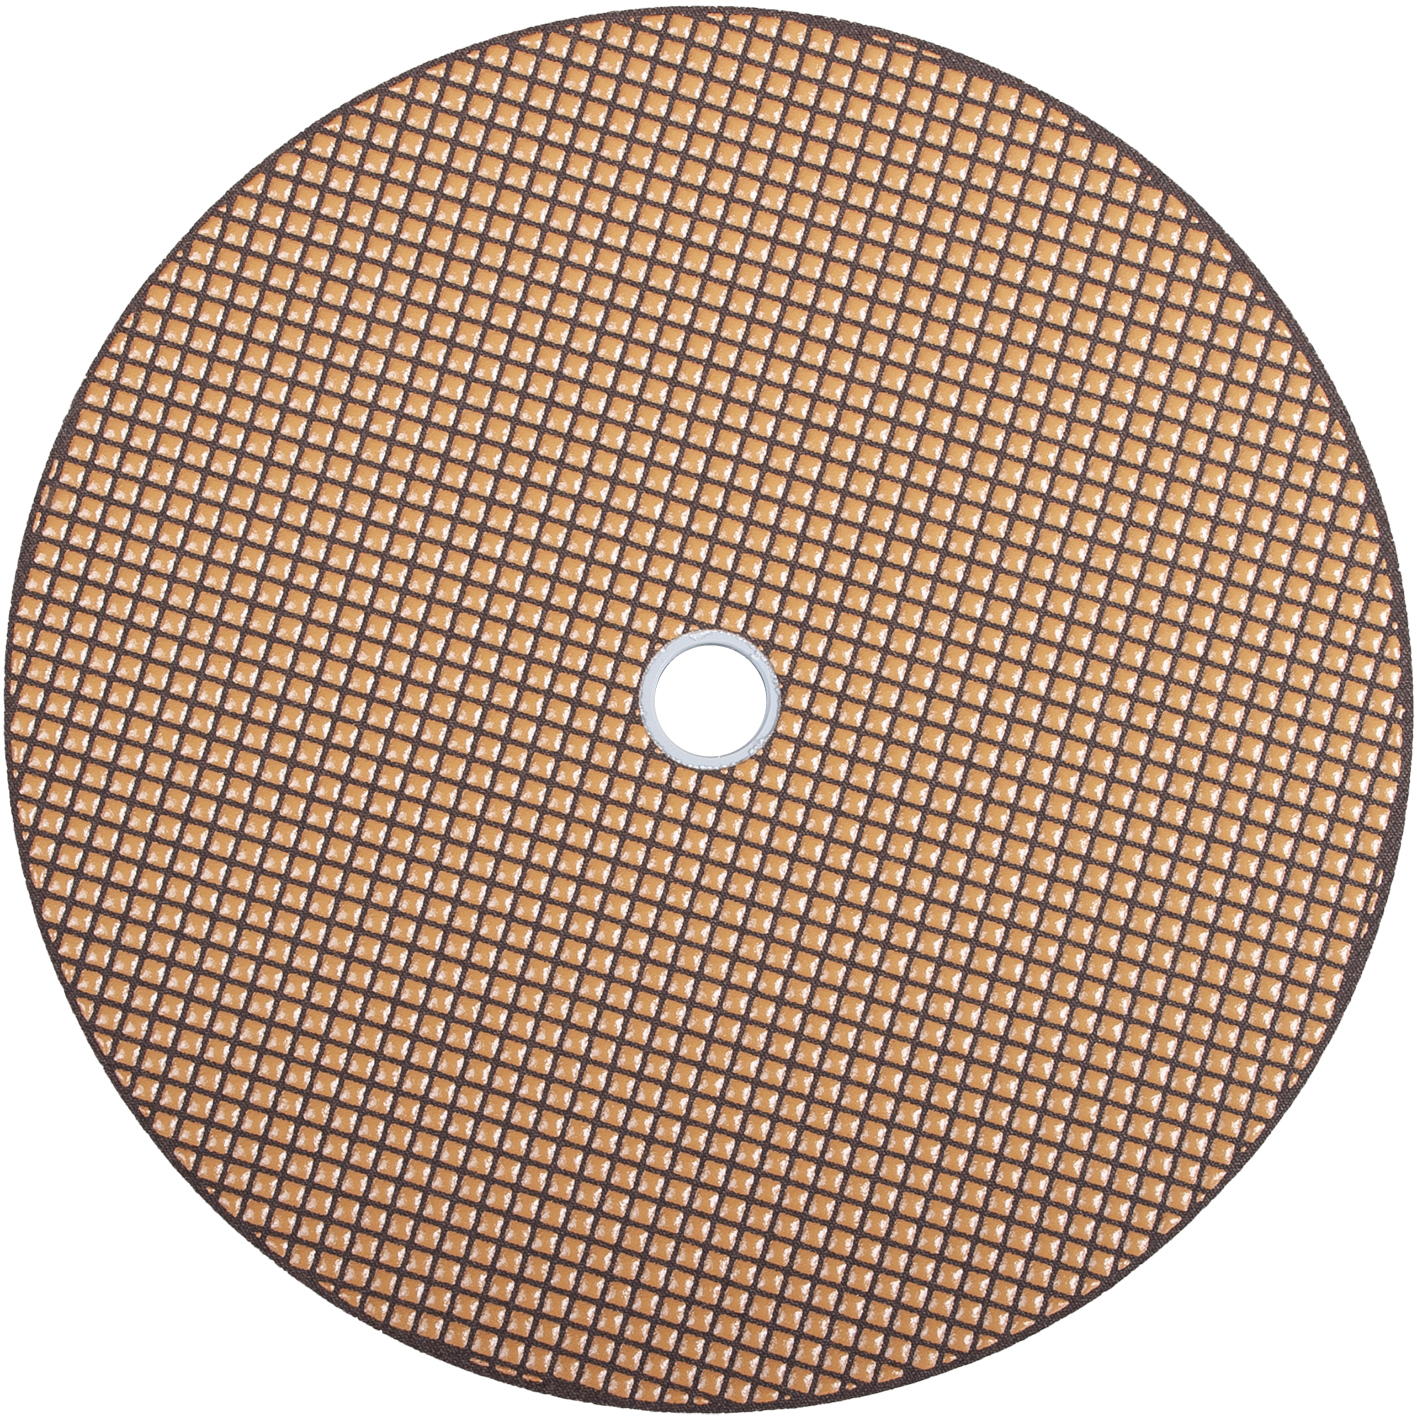 Diamantschleifteller OCTRON ø 250 mm │ Klett │ Korn 3000